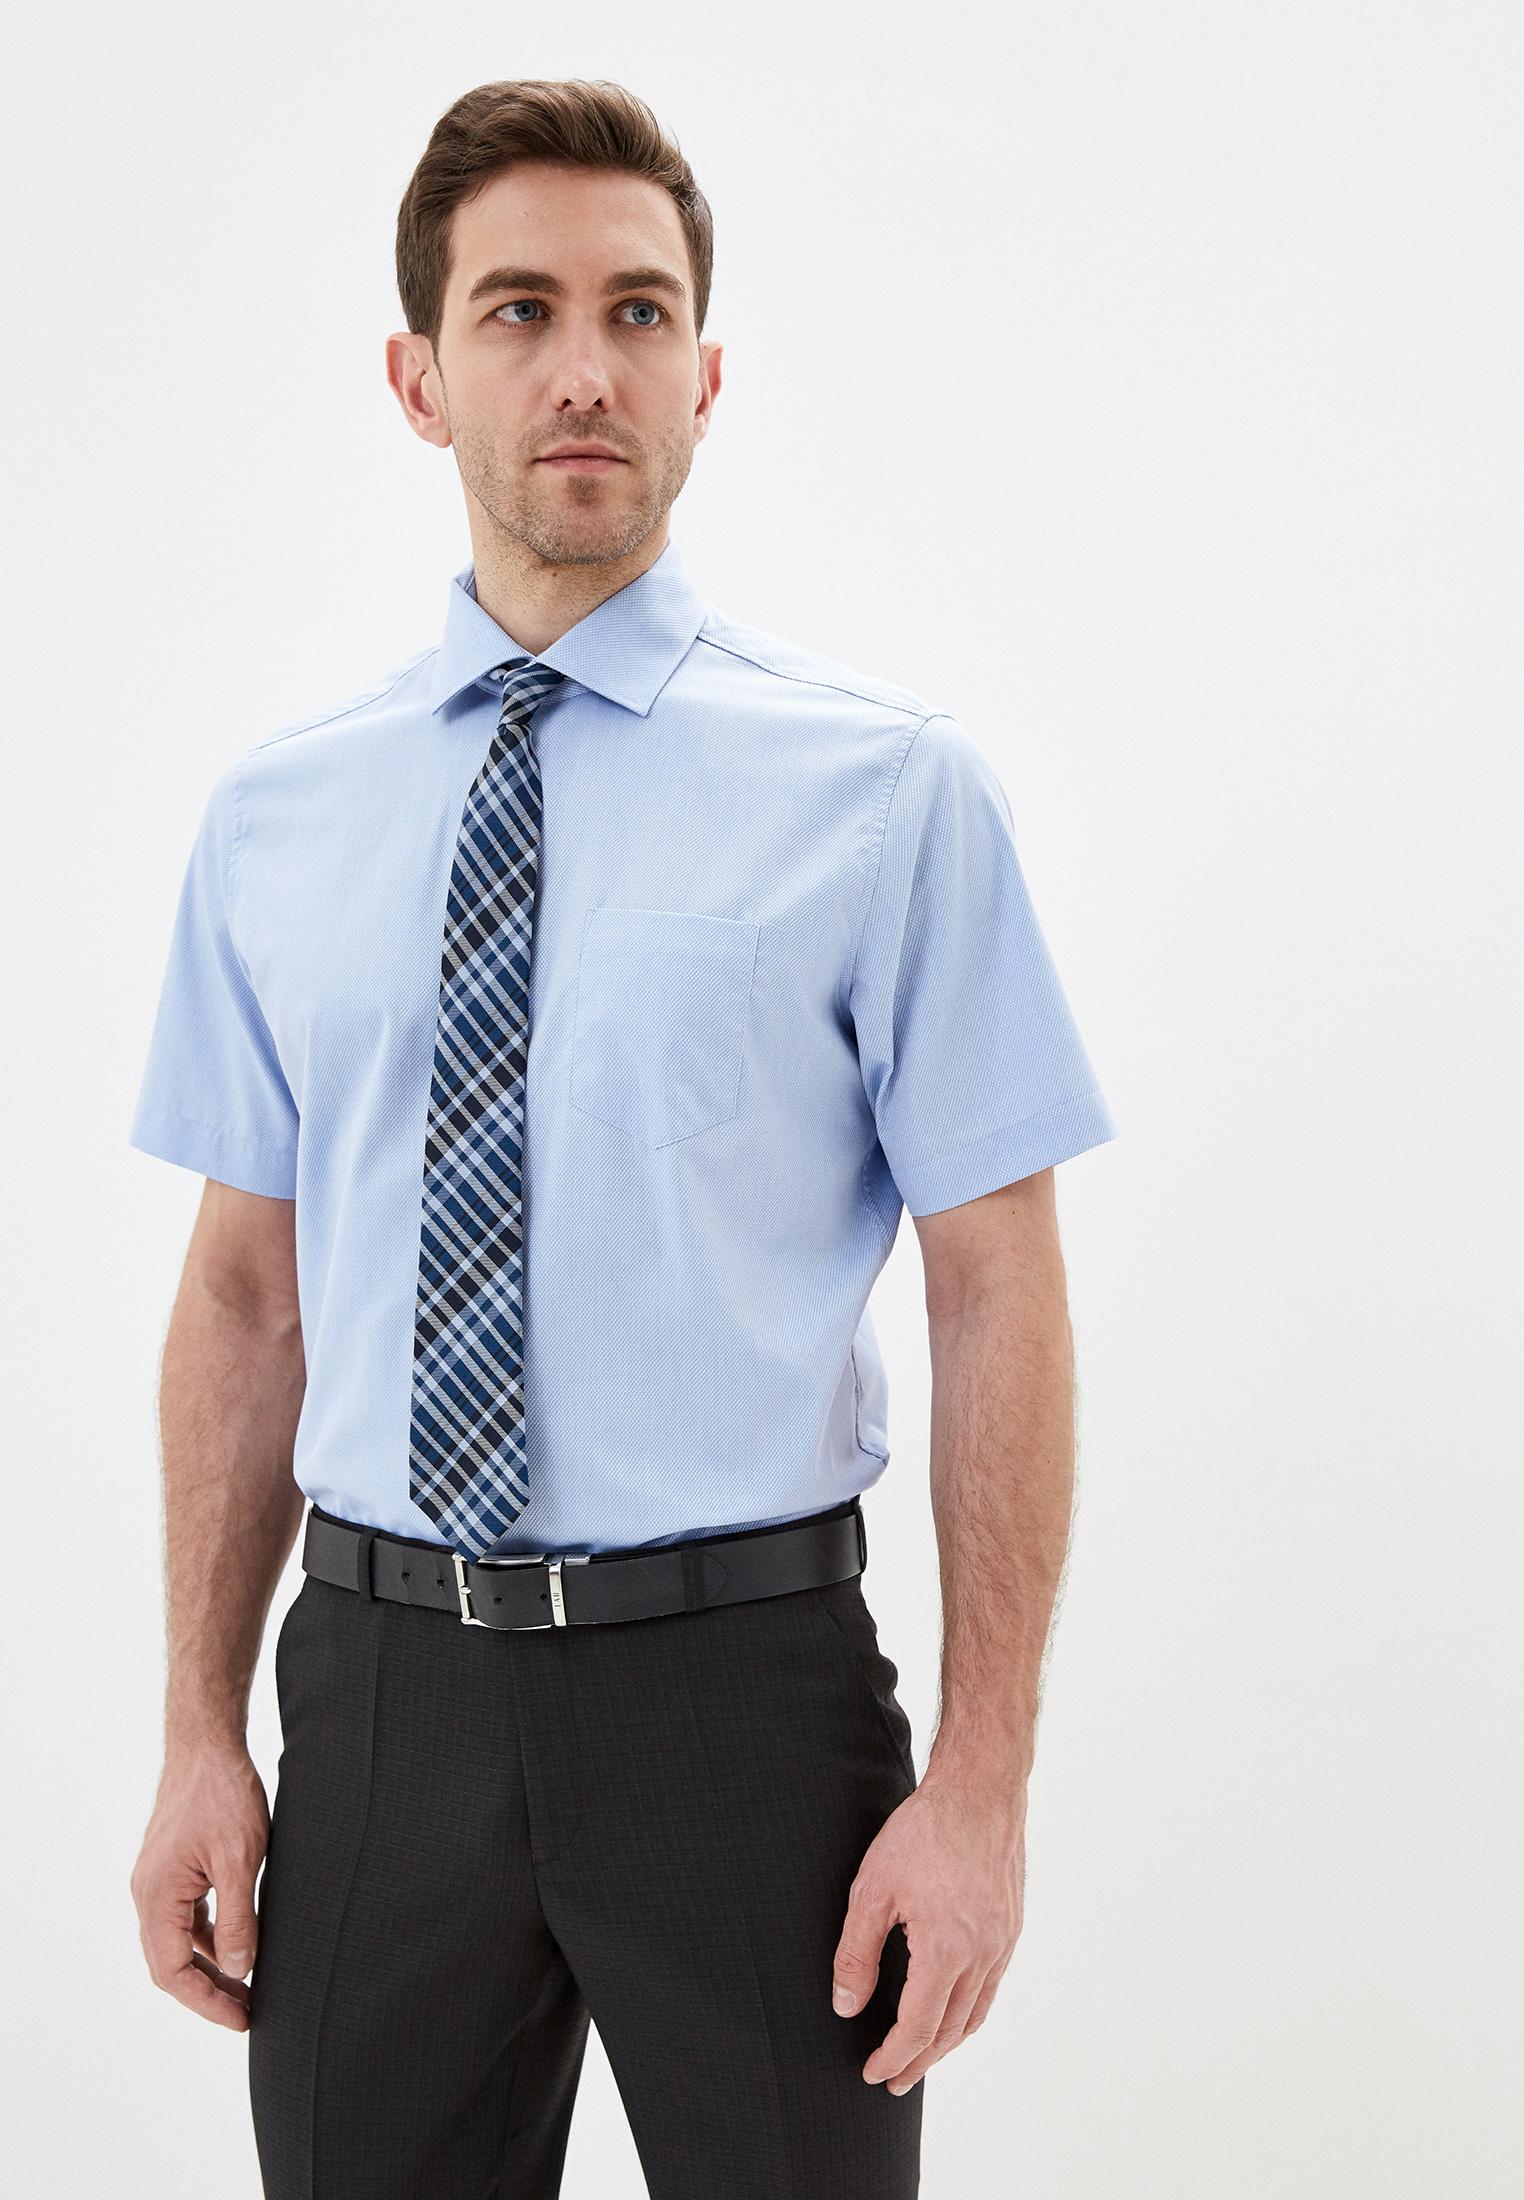 Рубашка с длинным рукавом Pierre Cardin (Пьер Кардин) 5294.27006.9001